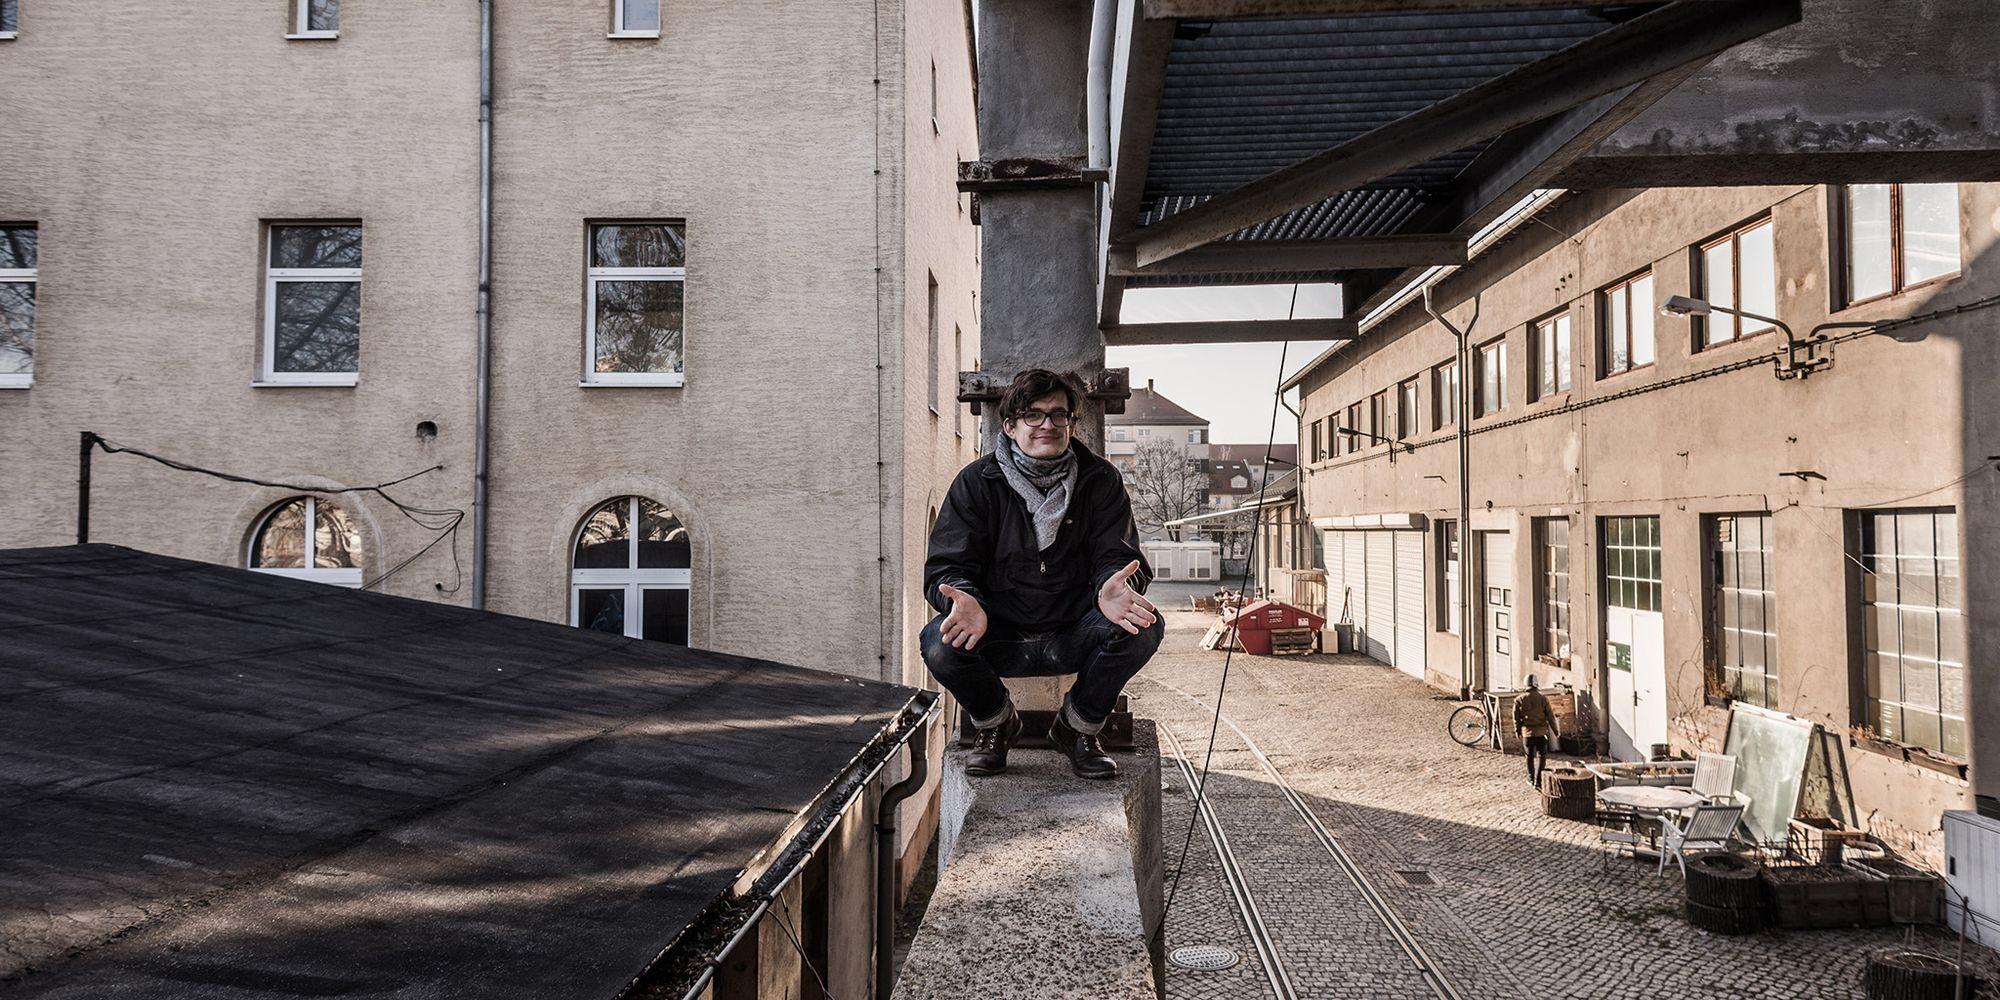 Marco Wildner und das Haus Sieben (rechts im Bild) im Jahre 2015. Das Gebäude links im Bild ist schon abgerissen. Foto:  Thomas Schlorke